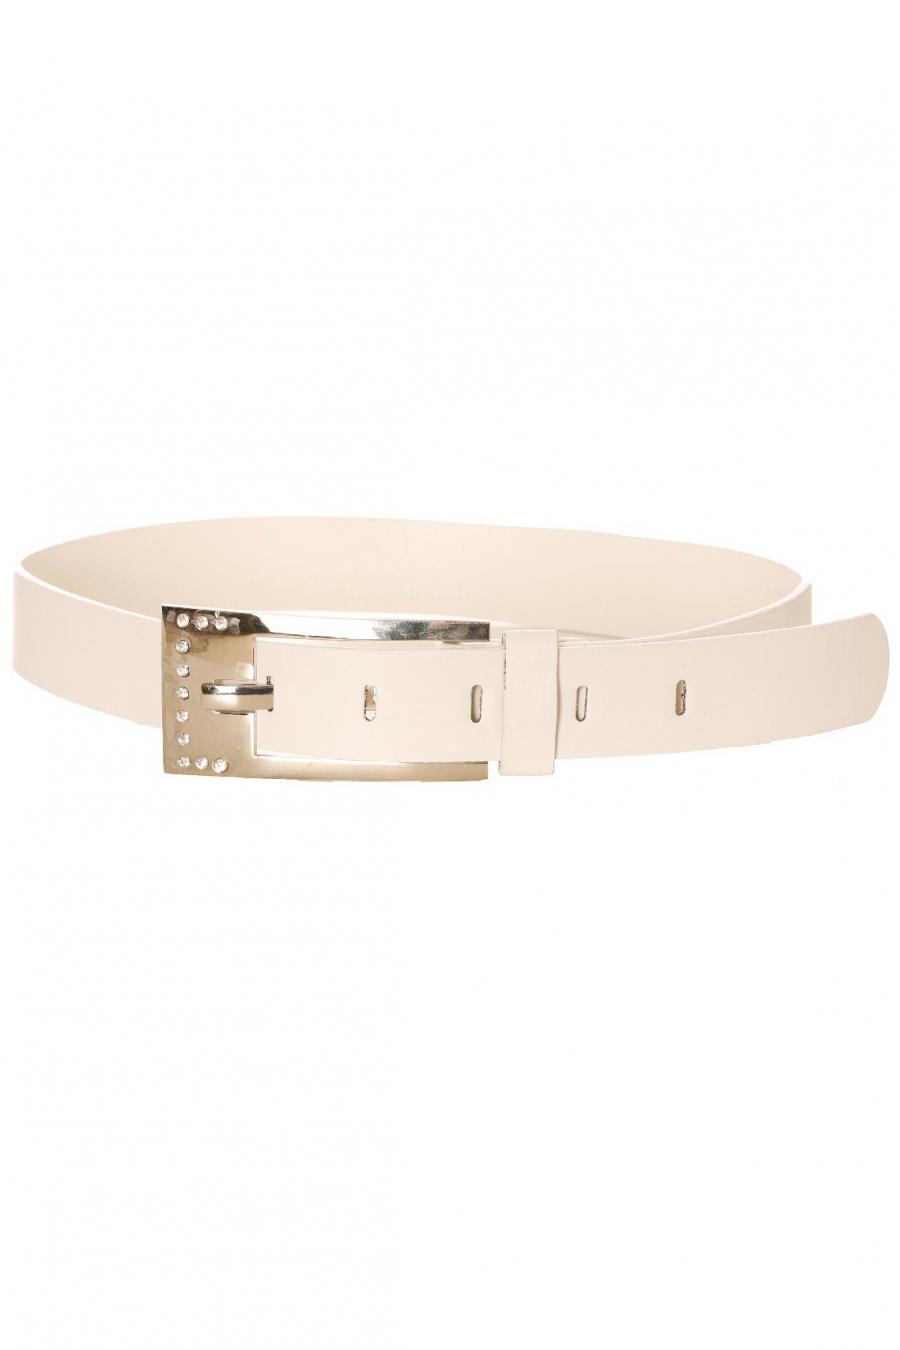 Witte riem, rechthoekige gesp met strass. BG-0237